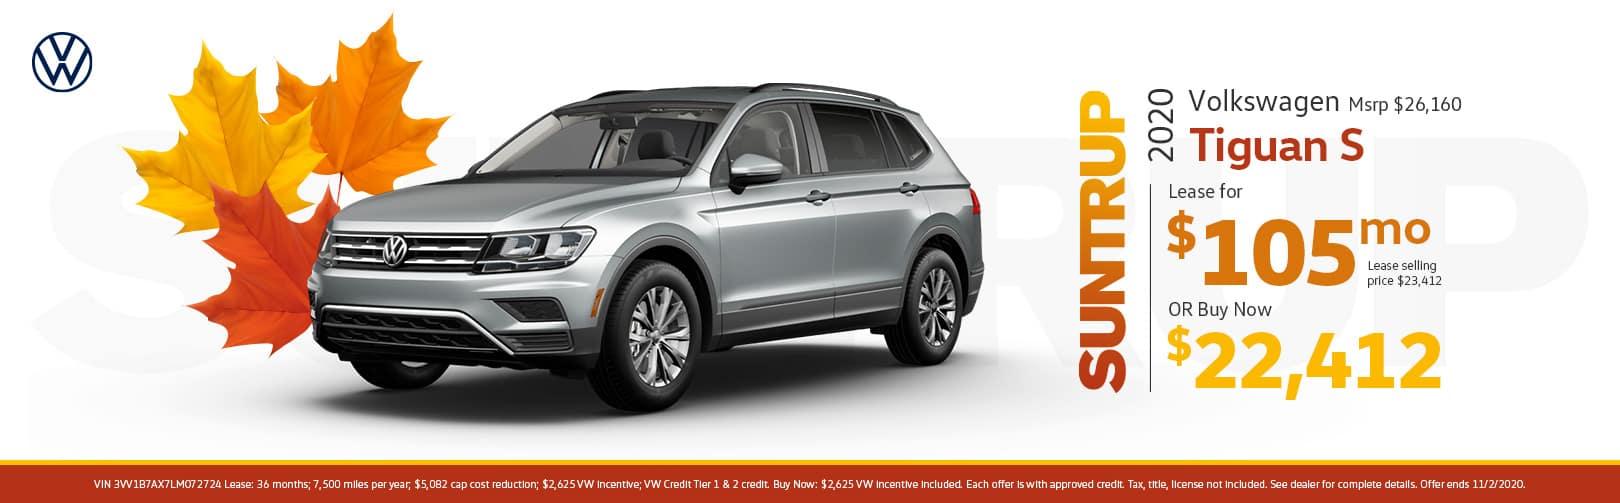 SVW-OCT20-Banners-(2020-Volkswagen-Tiguan-S)